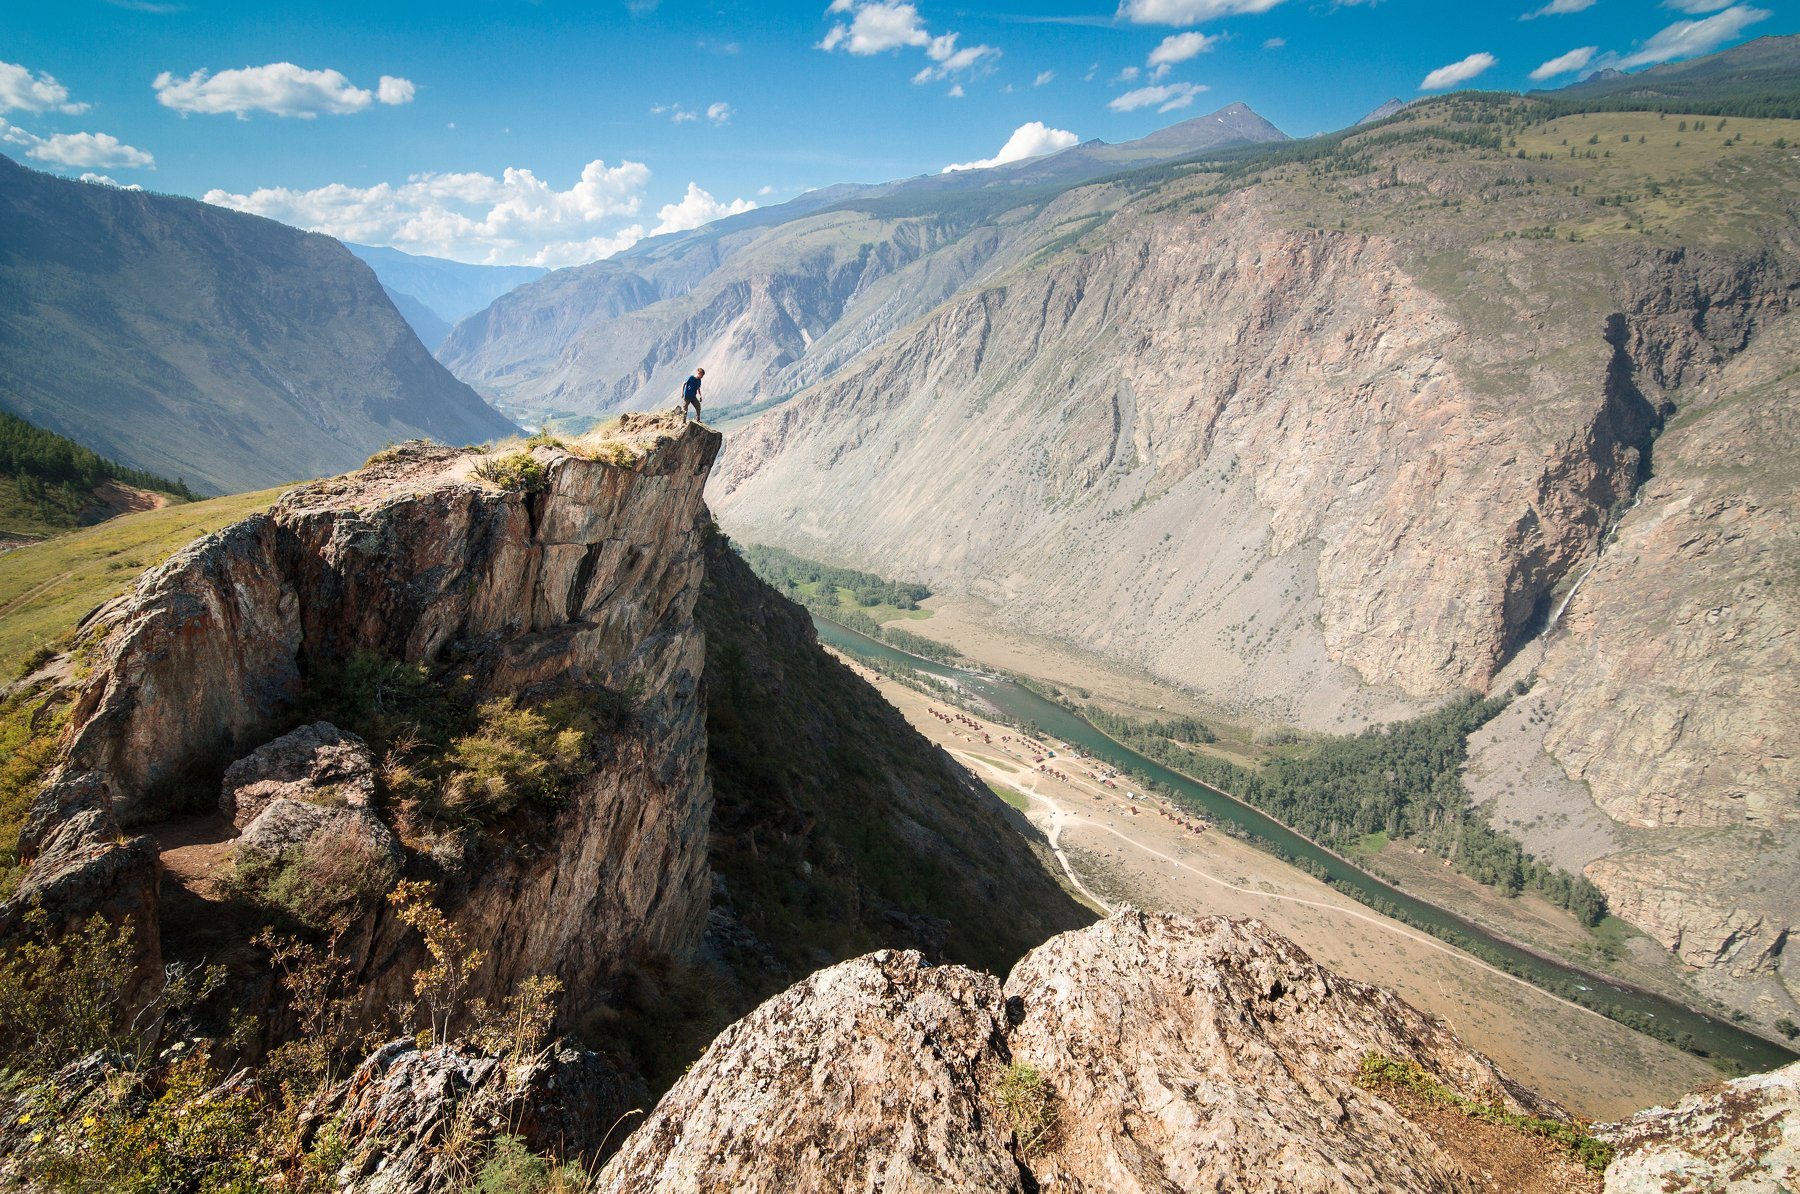 Алтай, Россия, пейзаж, вершина, горы, человек, портрет, Голубев Алексей